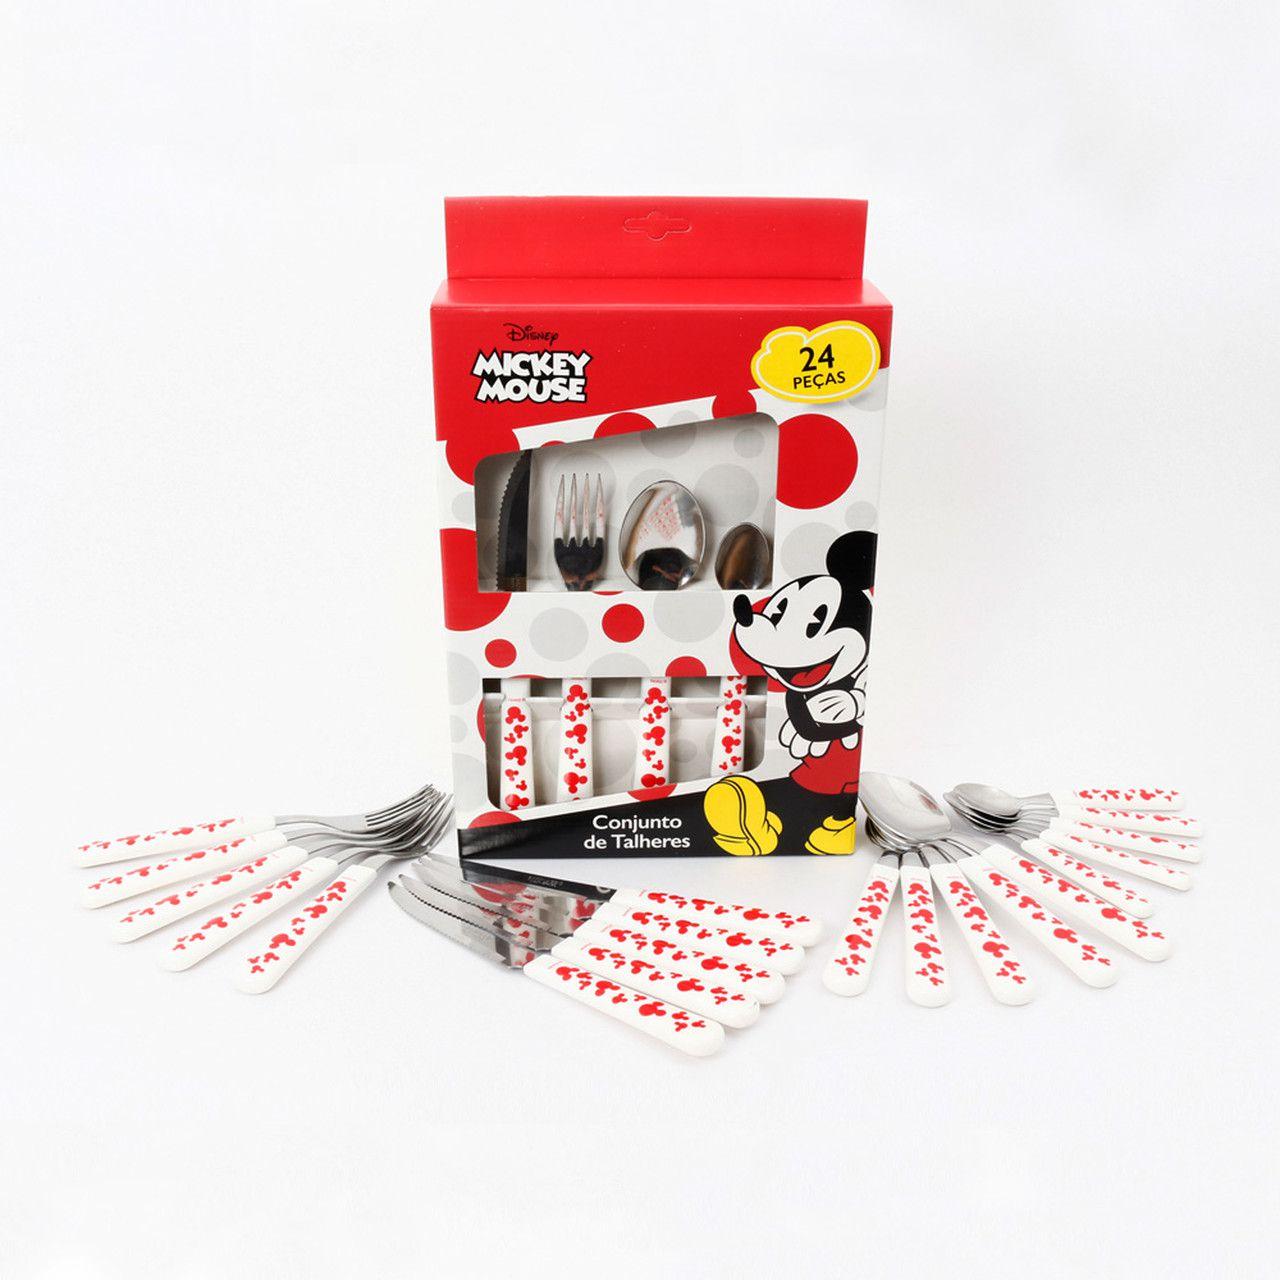 Conjunto de Talheres Mickey Mouse (24 Peças): Disney (Vermelho)